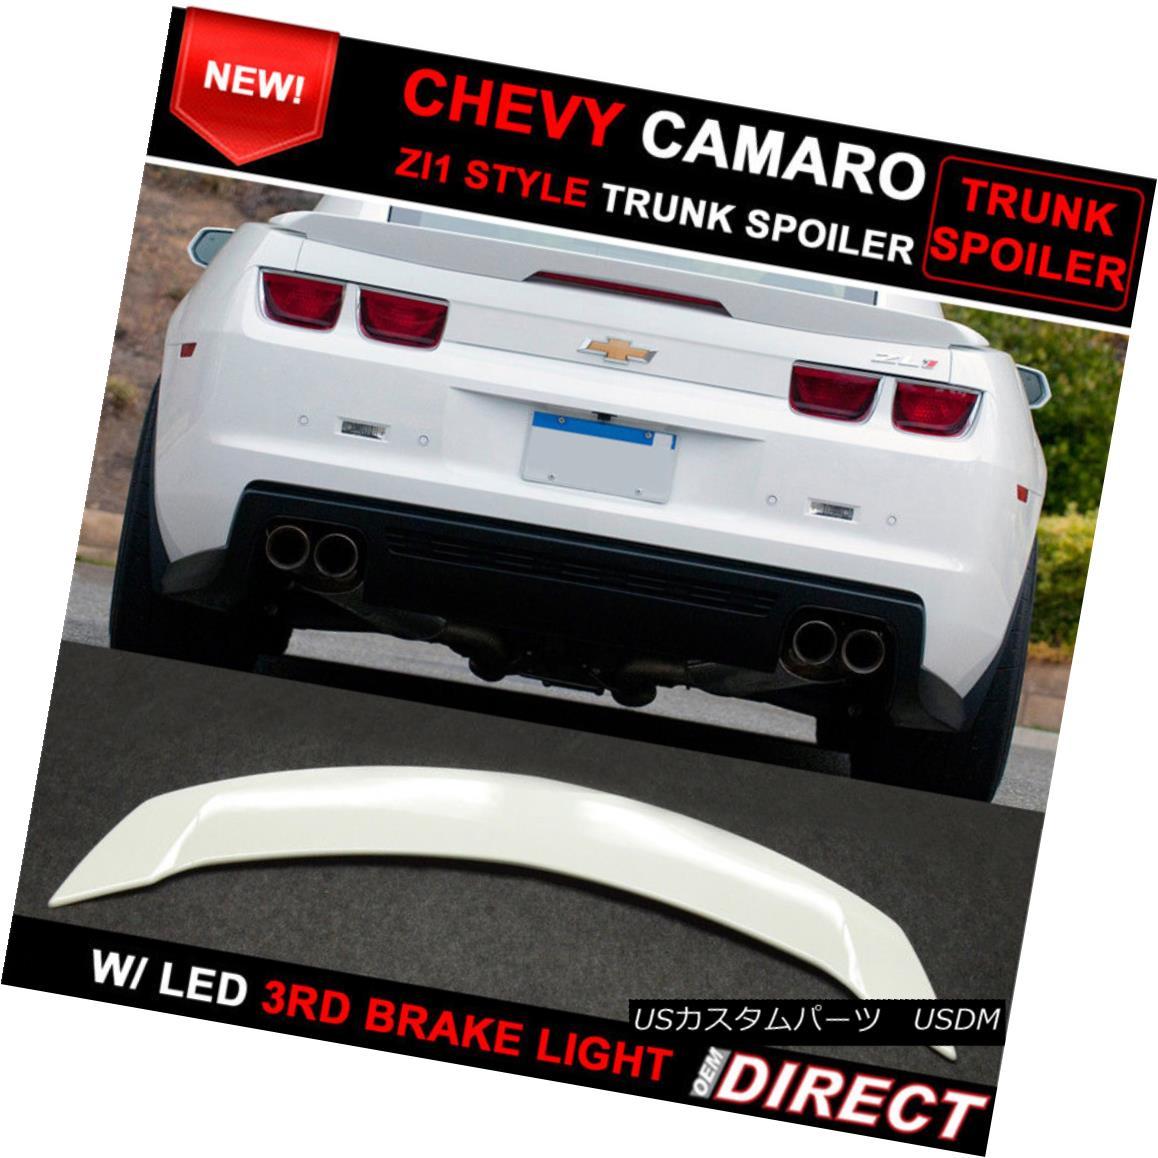 エアロパーツ 10-13 Chevrolet Camaro ZL1 Style Trunk Spoiler Painted Summit White Wa8624 10-13シボレーカマロZL1スタイルトランクスポイラーペイントサミットホワイトWa8624